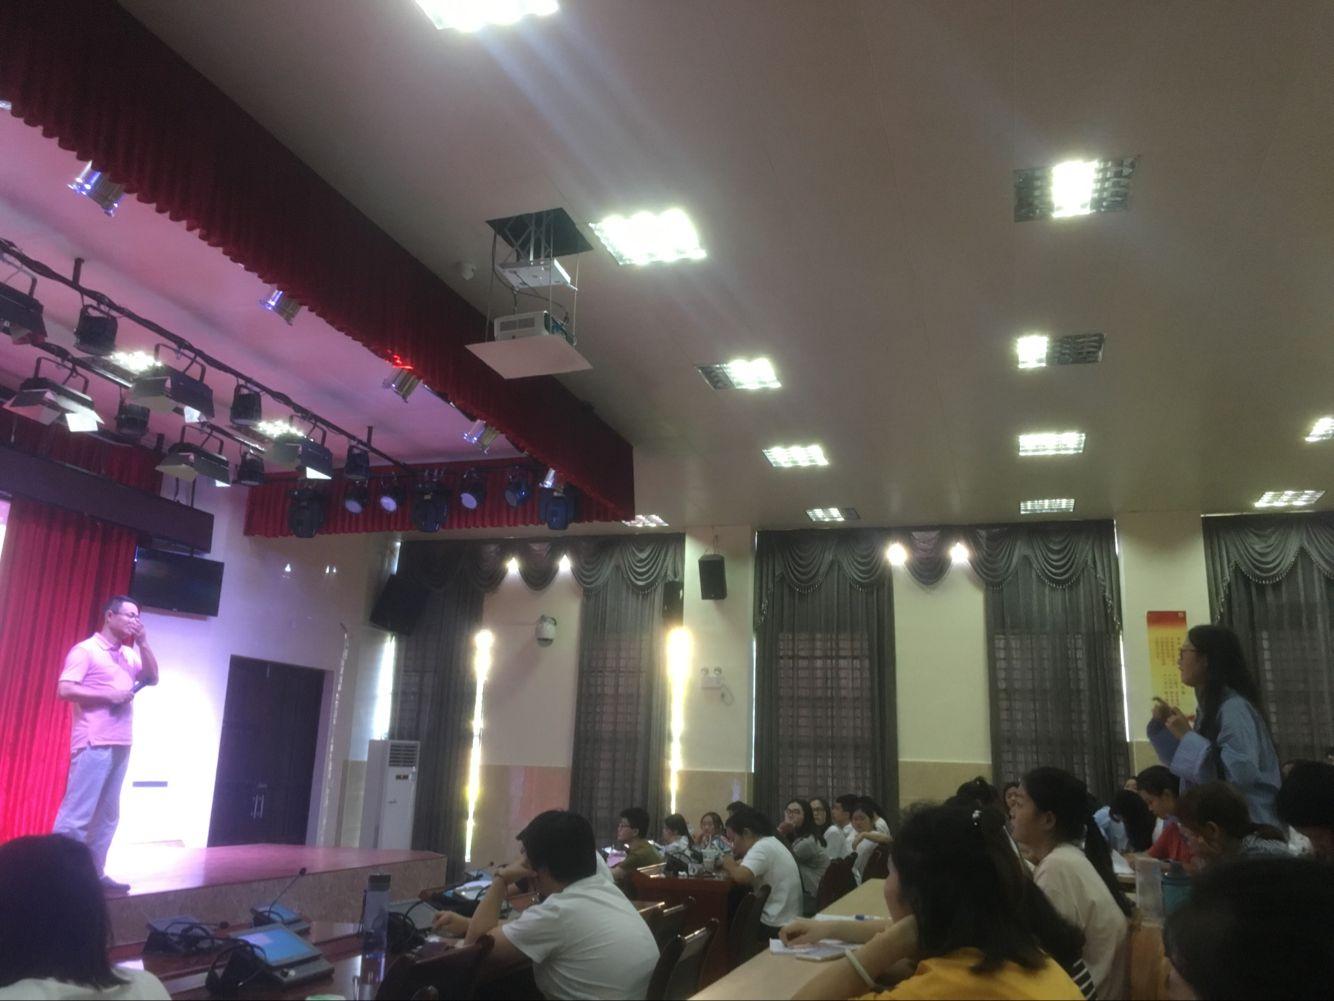 海南師范大學教務處舉辦創新創業實踐周系列活動之專題講座